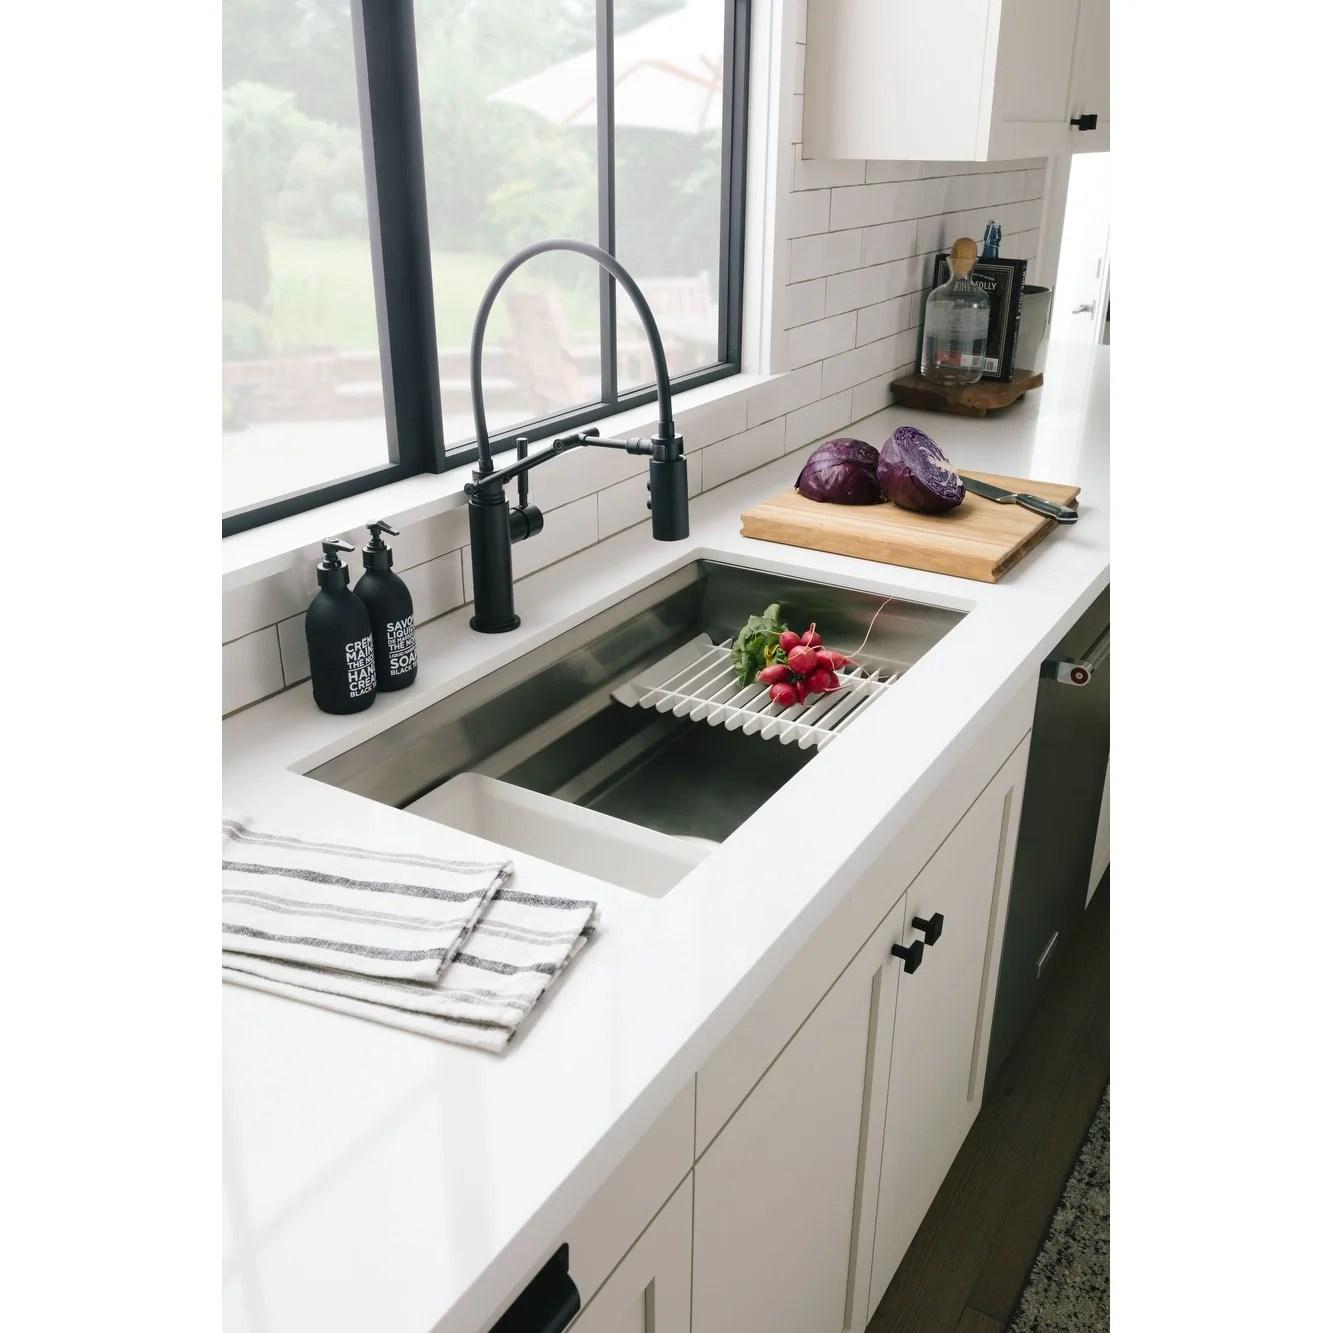 kohler k 5540 prolific 33 workstation single basin undermount kitchen stainless steel